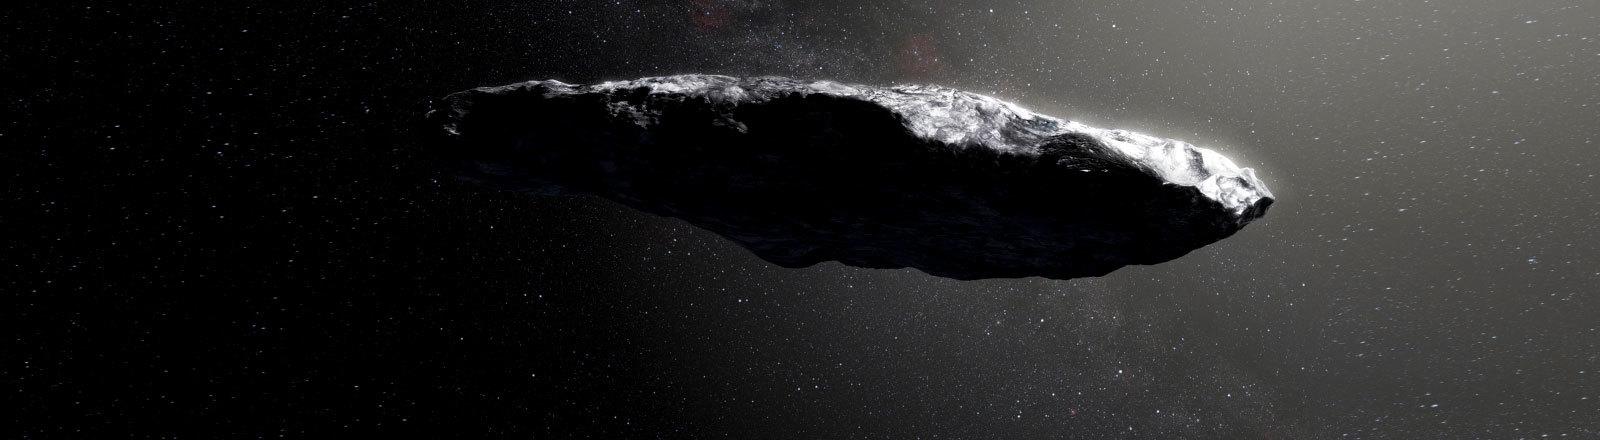 Künstlerische Darstellung eines Asteroids